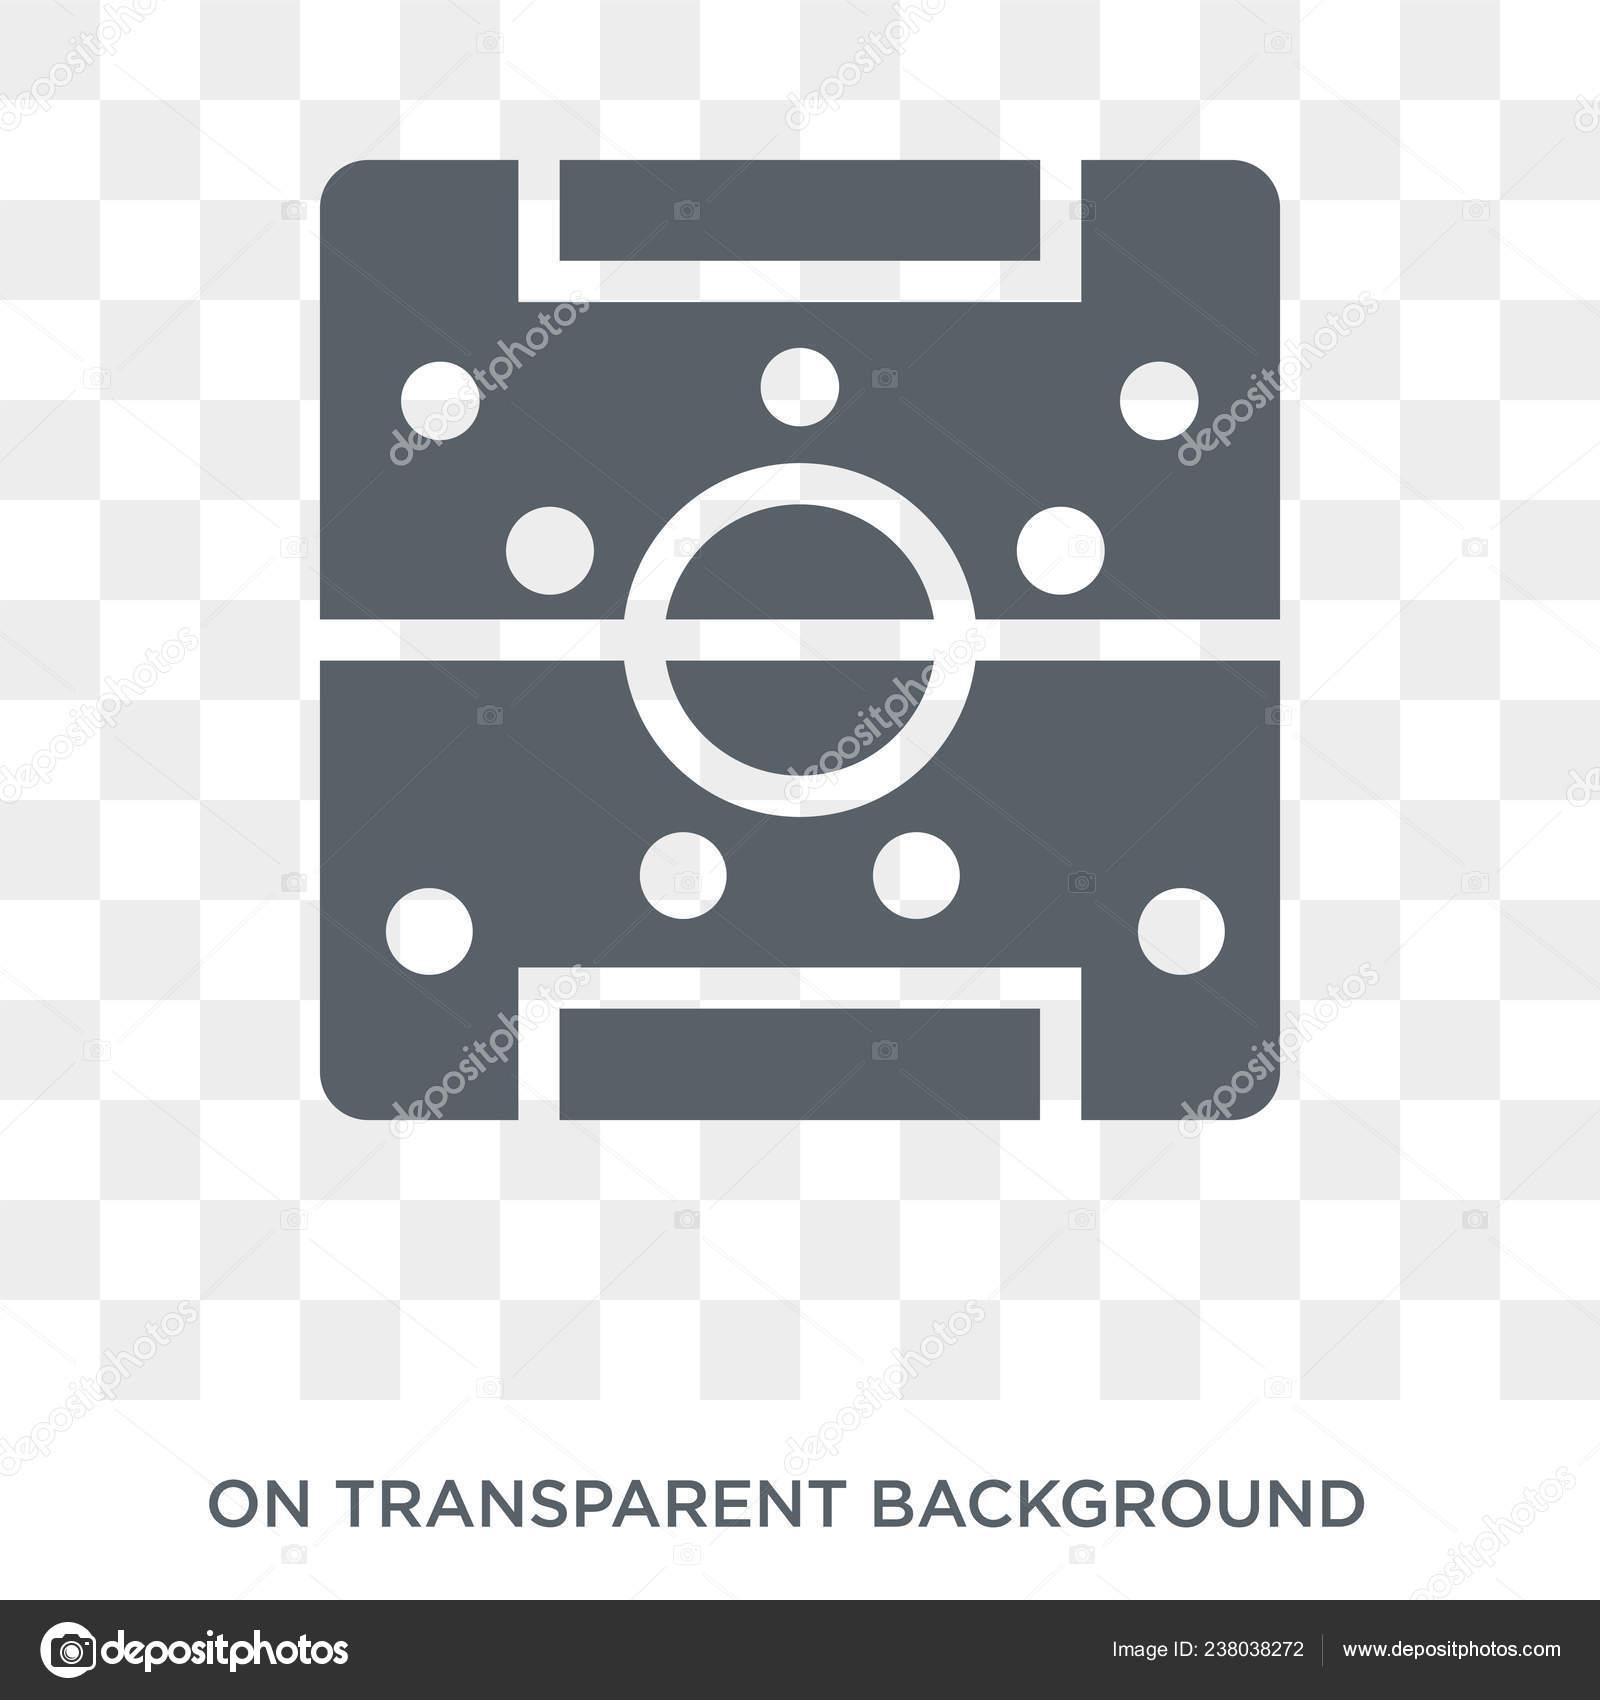 Fussball Taktik Diagramm Ikone Fussball Taktik Grafik Design